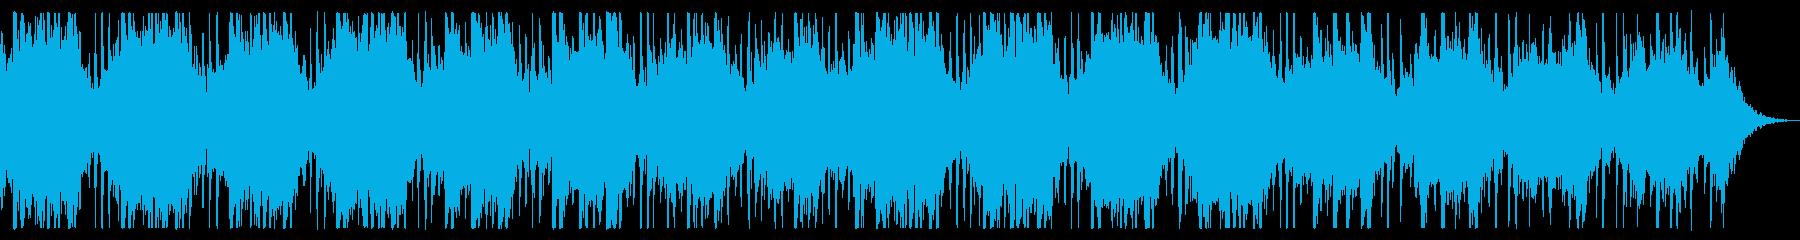 ダークでミステリアスな背景 コーラス入りの再生済みの波形